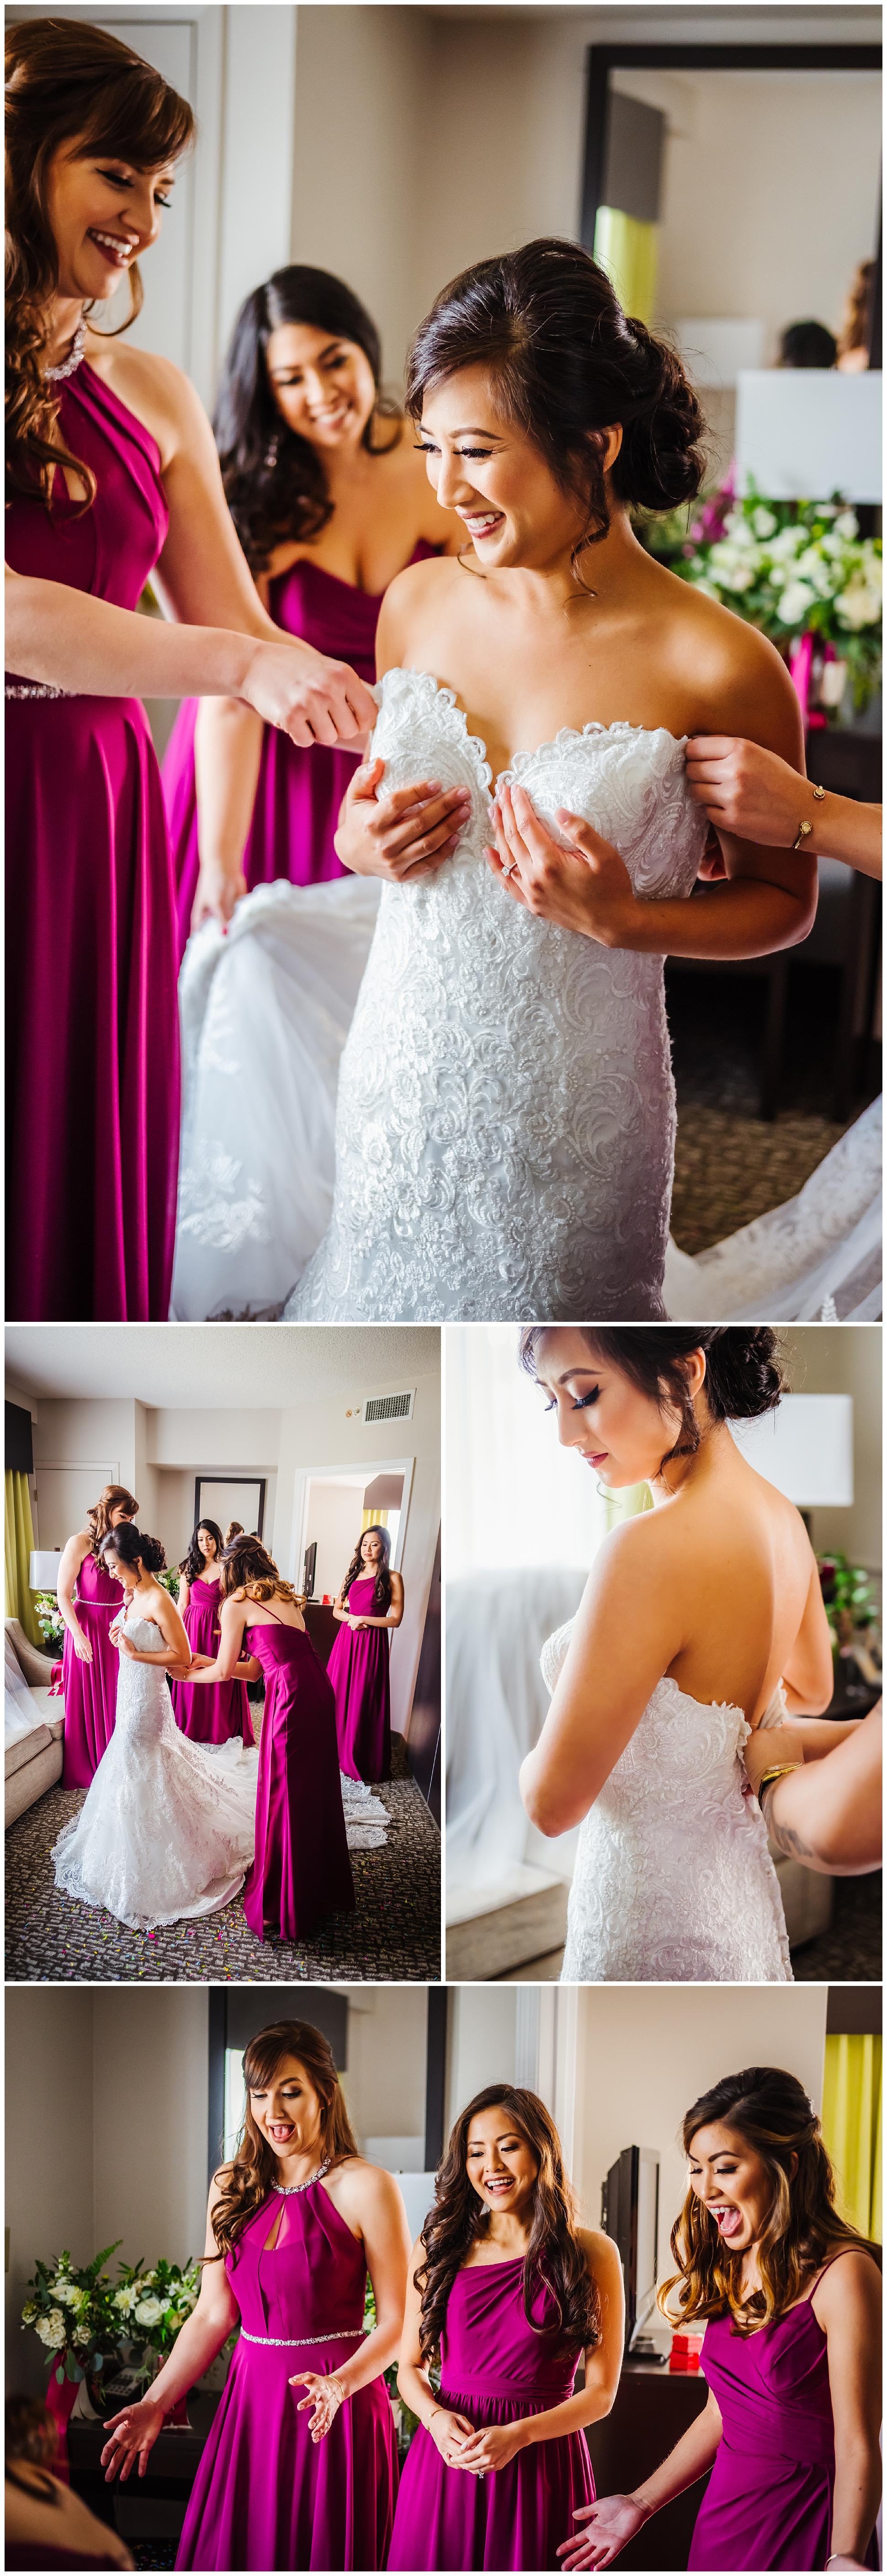 tampa-wedding-photographer-philipino-colorful-woods-ballroom-church-mass_0010.jpg